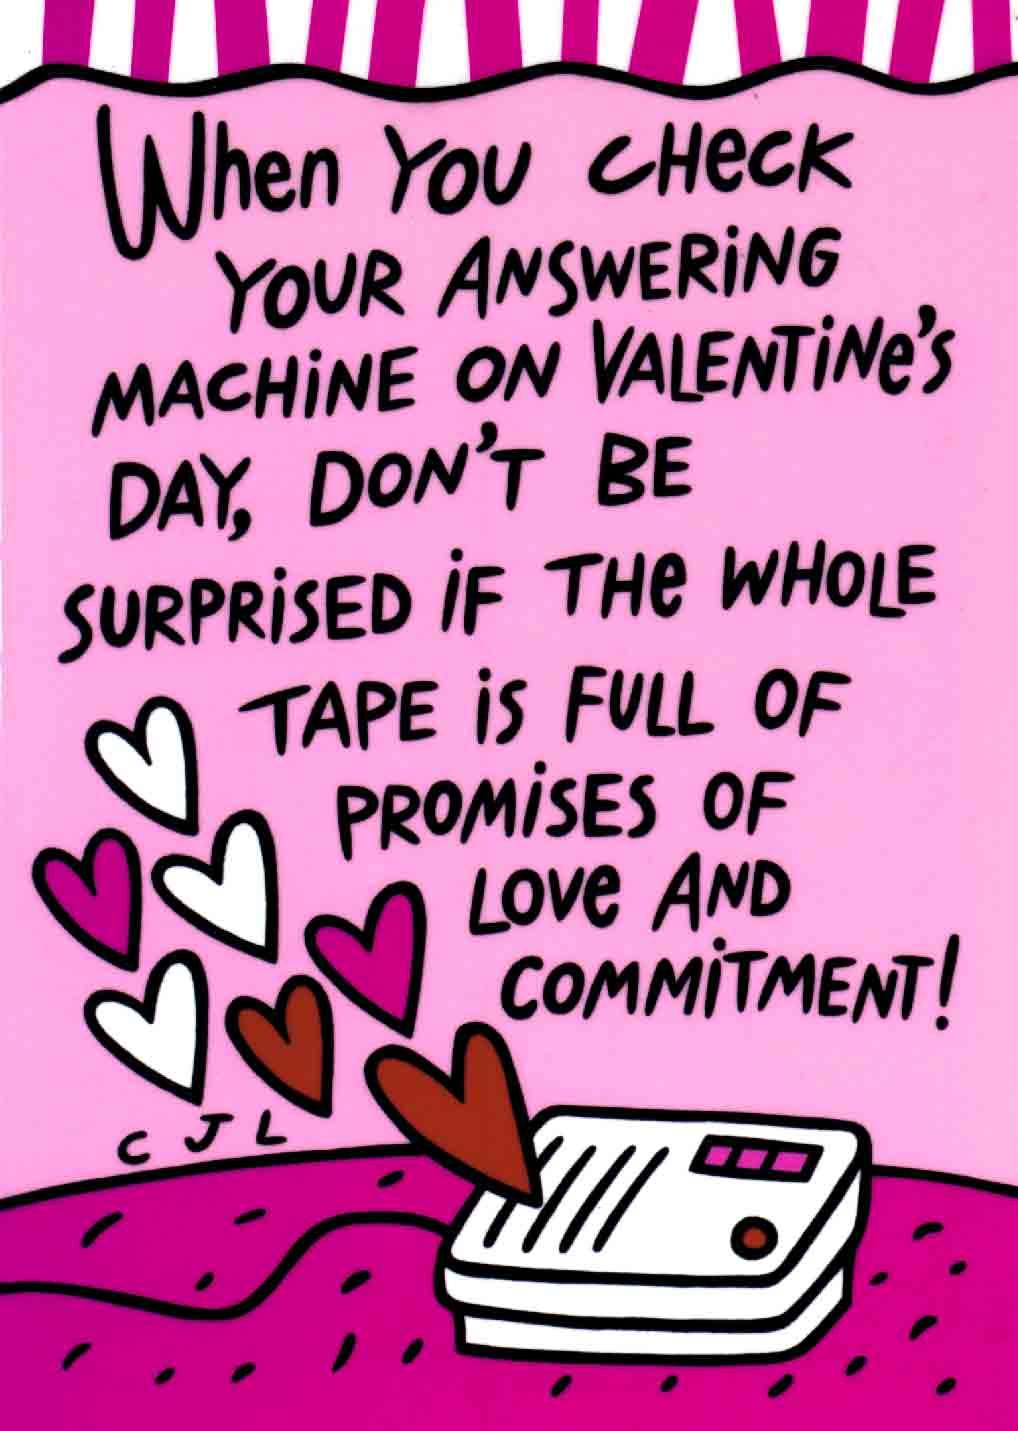 1993 Valentine's Day Card